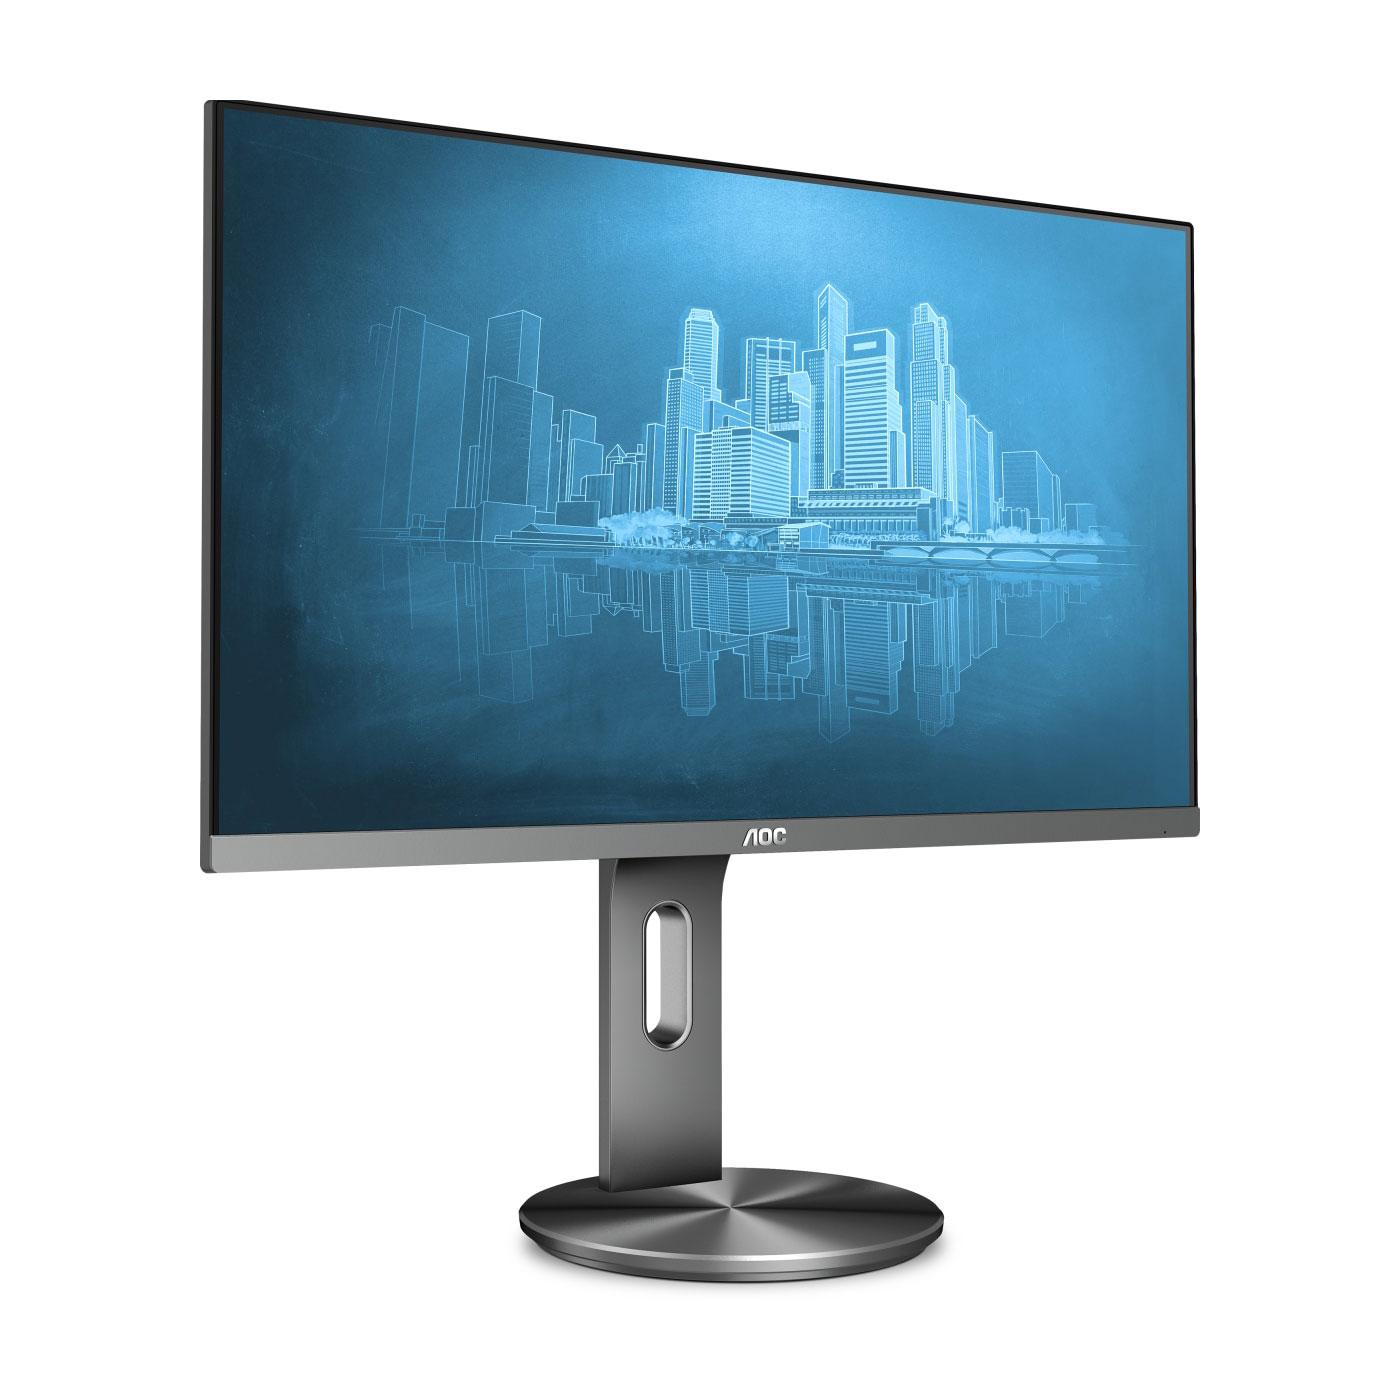 """Ecran PC AOC 23.8"""" LED - i2490PXQU 1920 x 1080 pixels - 4 ms (gris à gris) - Format large 16/9 - Dalle IPS - Pivot - DisplayPort - HDMI - Hub USB 3.0 - Noir/Argent"""